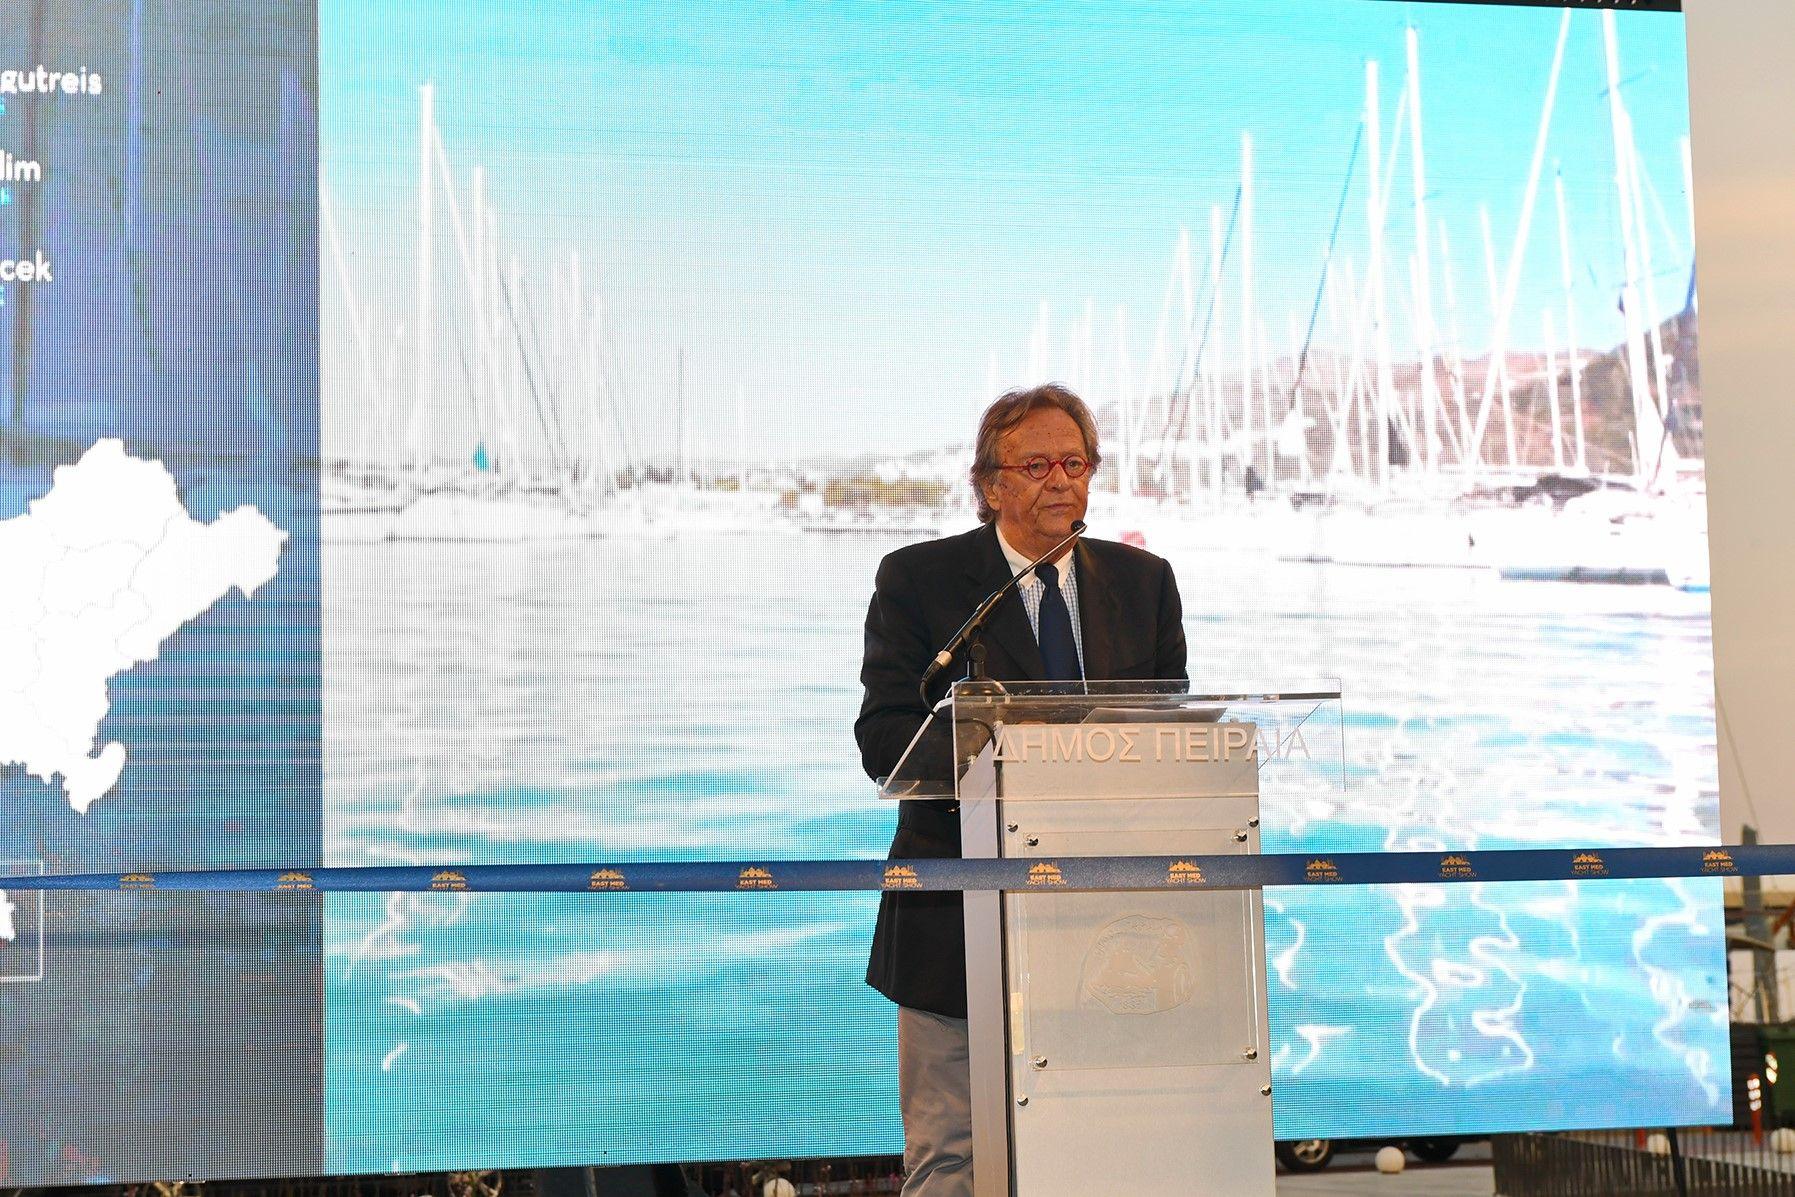 Ο Πρόεδρος της Ένωσης Πλοιοκτητών Ελληνικών Σκαφών Τουρισμού (Ε.Π.Ε.Σ.Τ.) κ. Αντώνης Στελλιάτος.